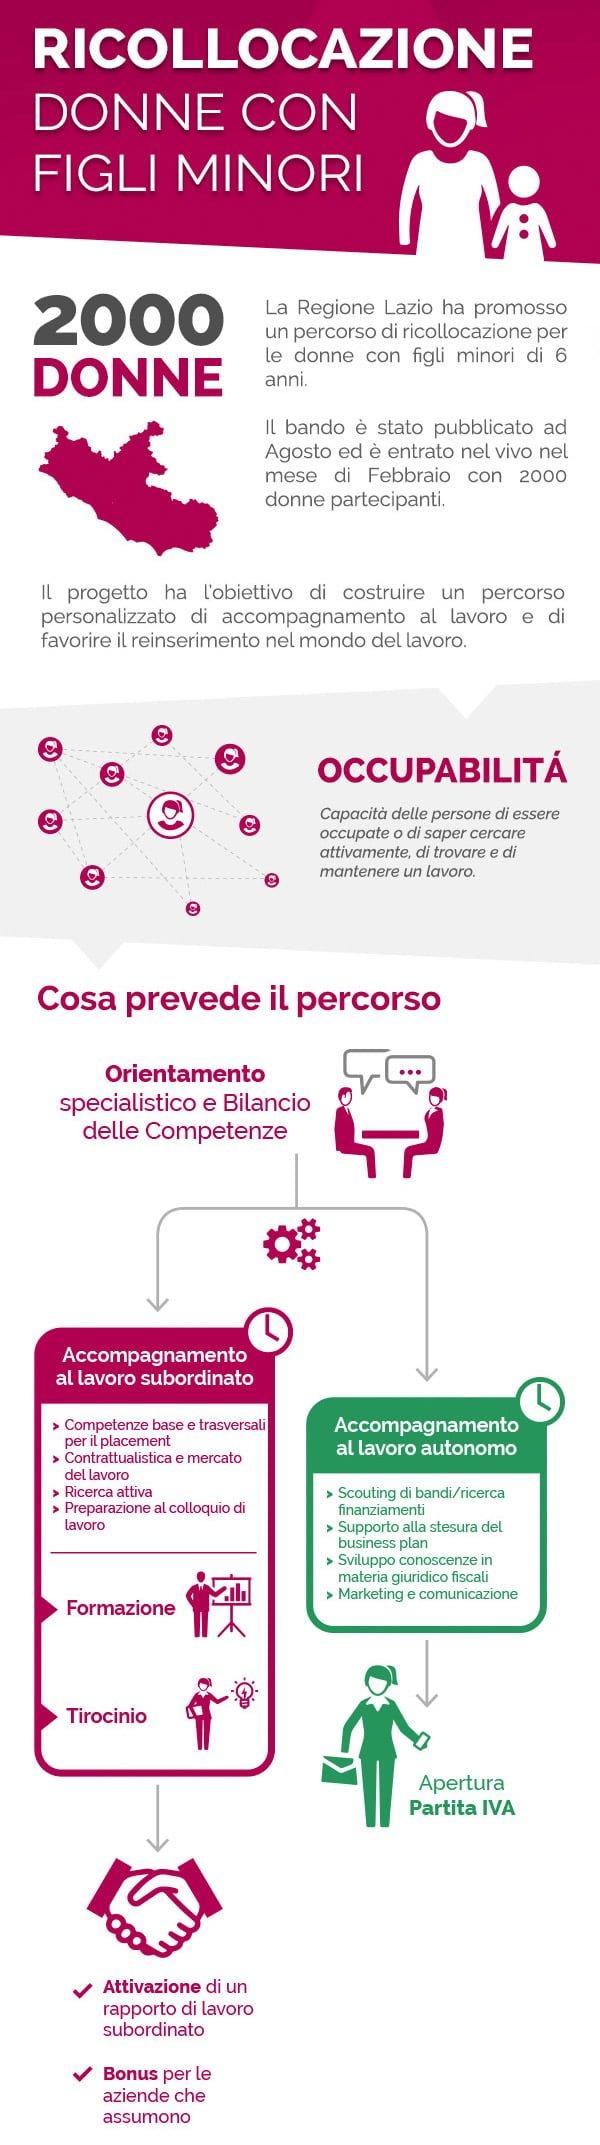 infografica_ricollocazione4